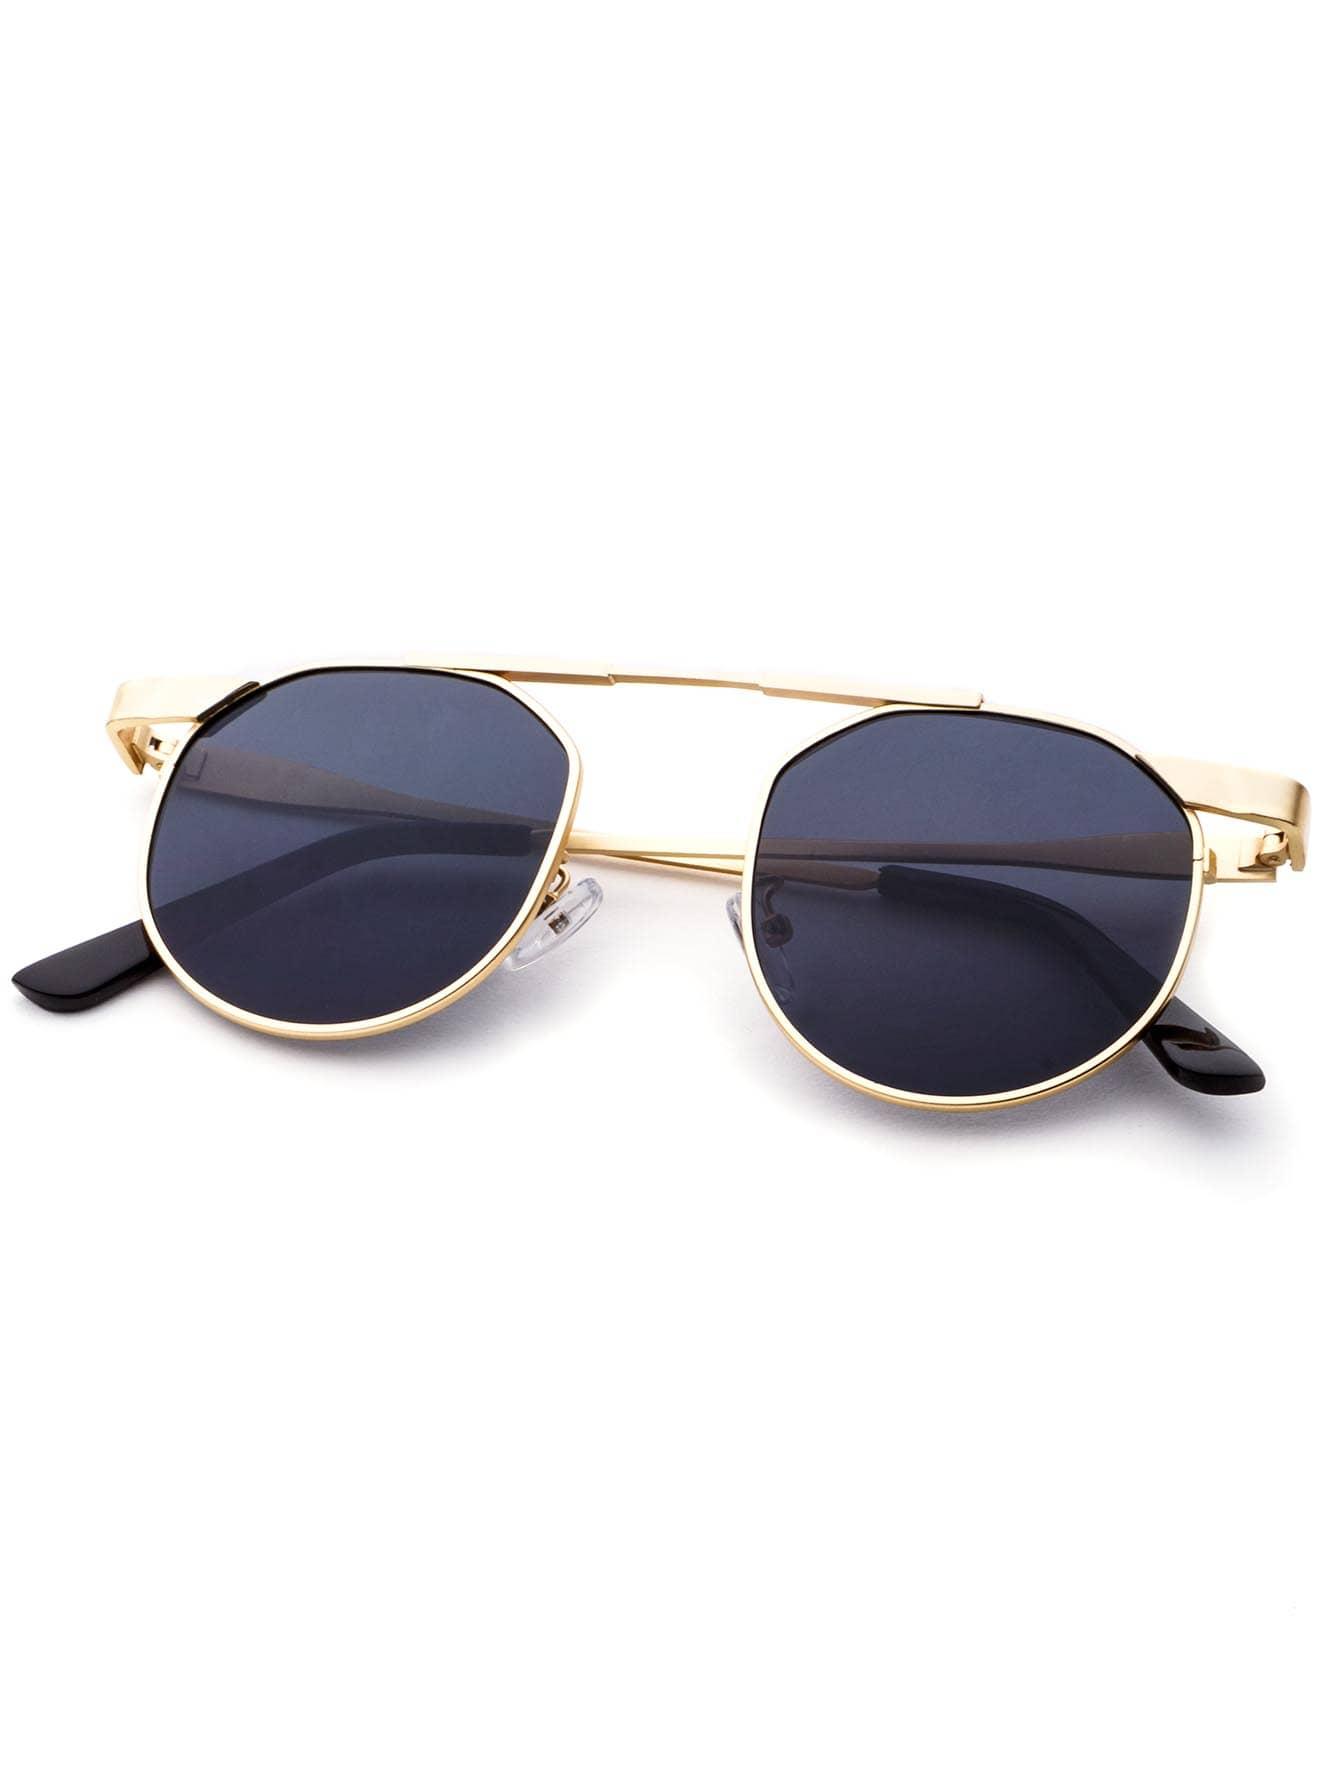 Gold Frame Round Lens Brow Bar Sunglasses -SheIn(Sheinside)